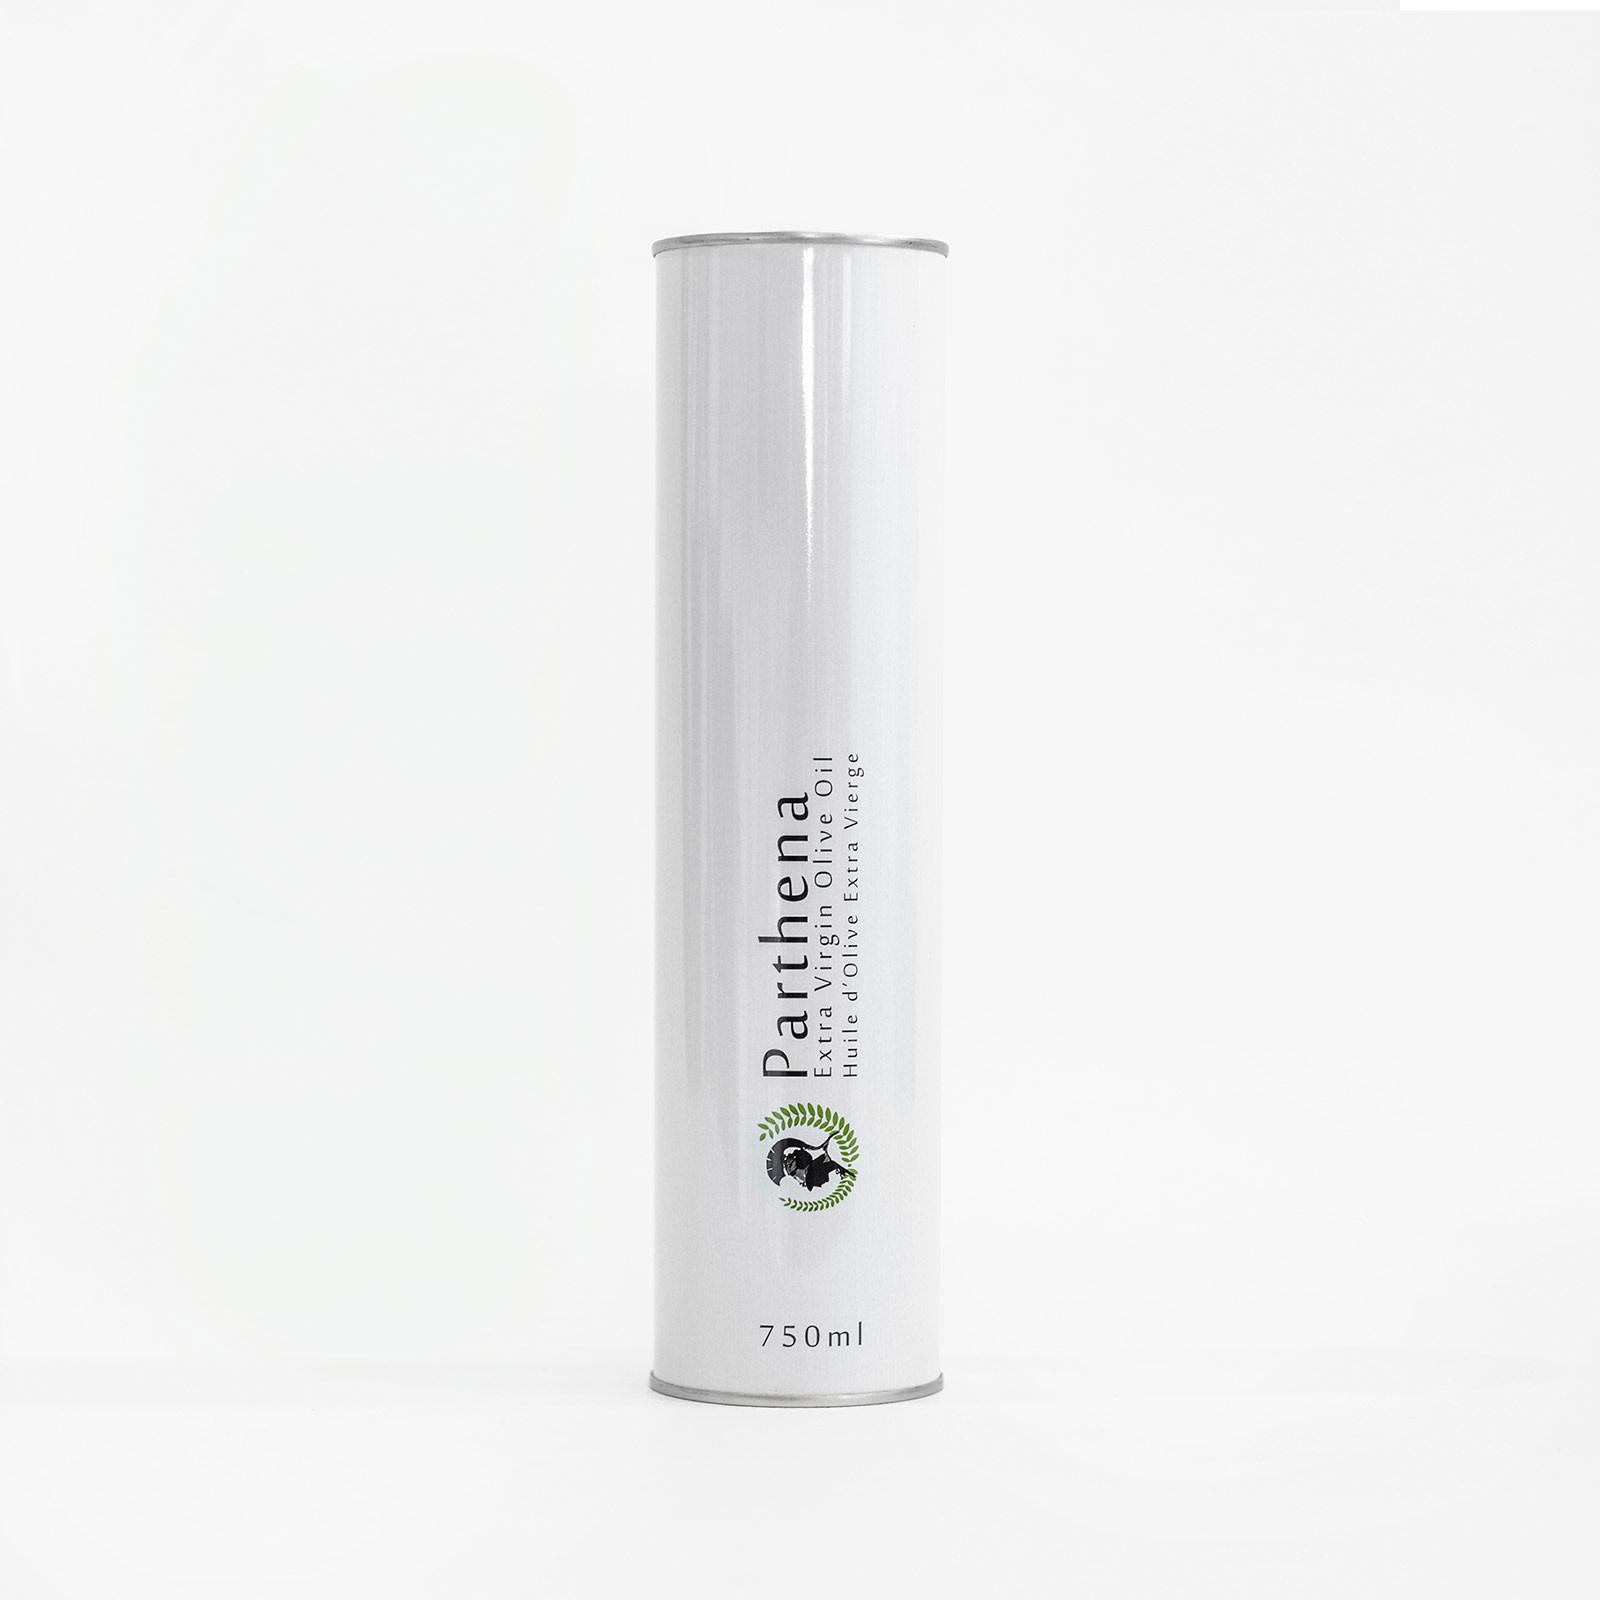 Parthena Parthena  Extra Virgin Olive Oil (750ml)